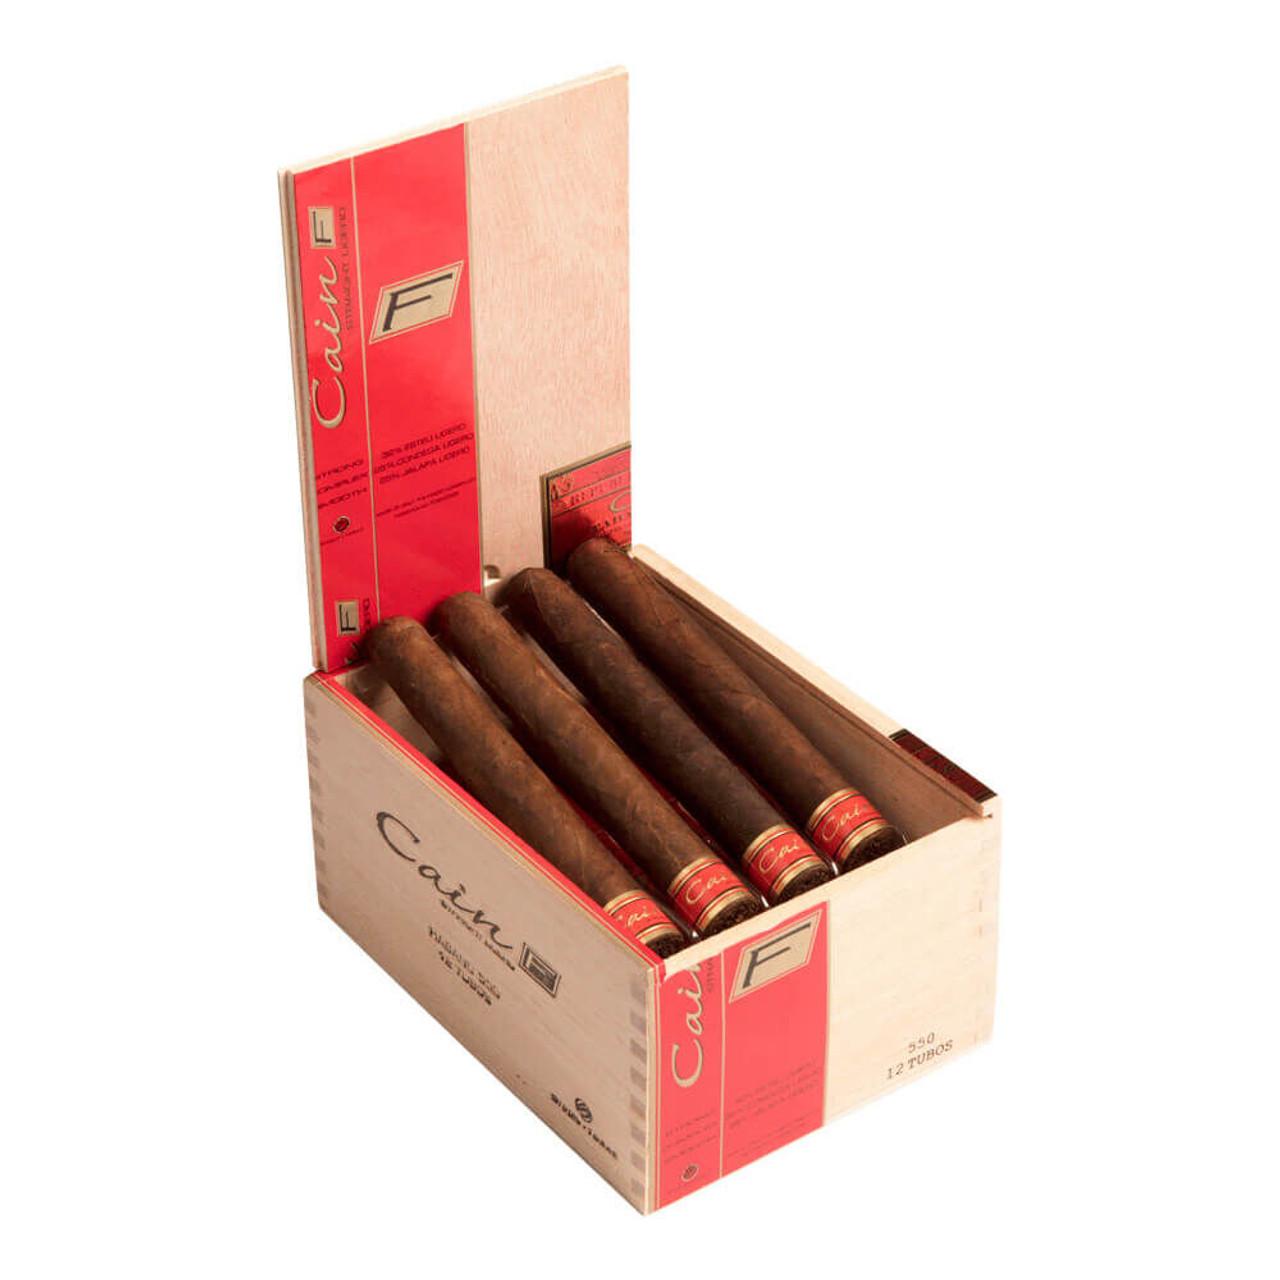 Oliva Cain F 550 Tubo Cigars - 5.75 x 50 (Box of 12)